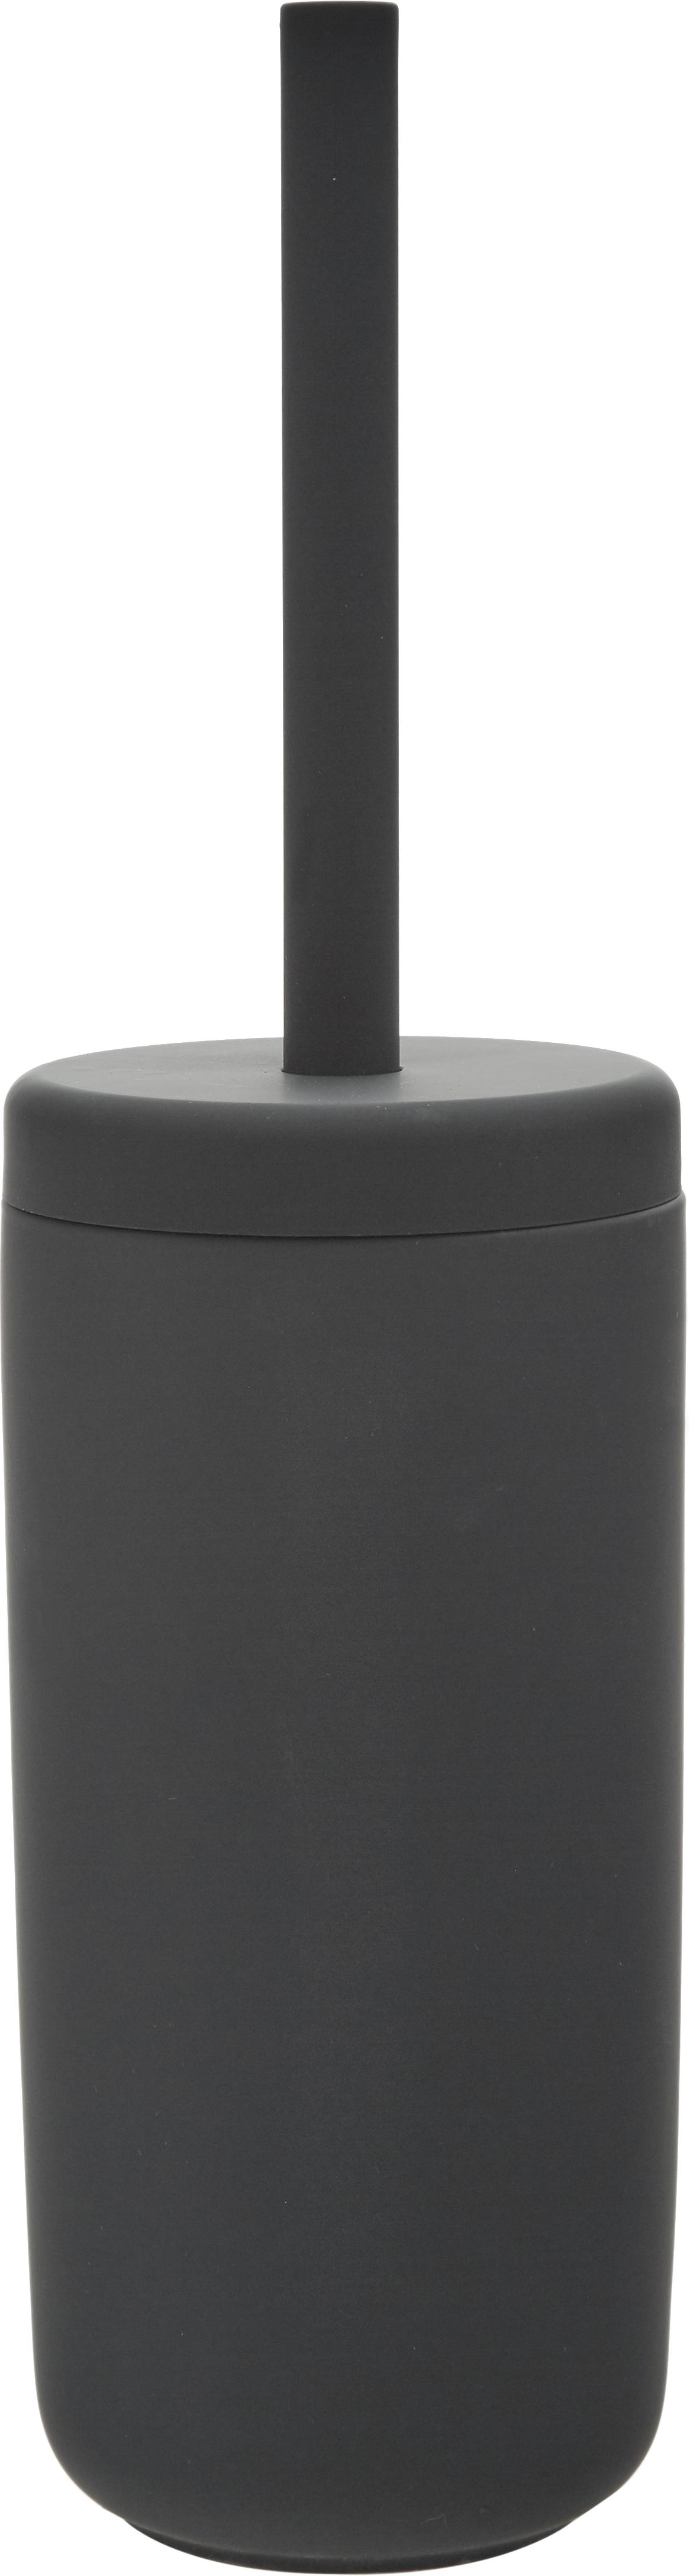 Escobilla de baño Ume, Recipiente: gres revestido con superf, Negro, Ø 10 x Al 39 cm